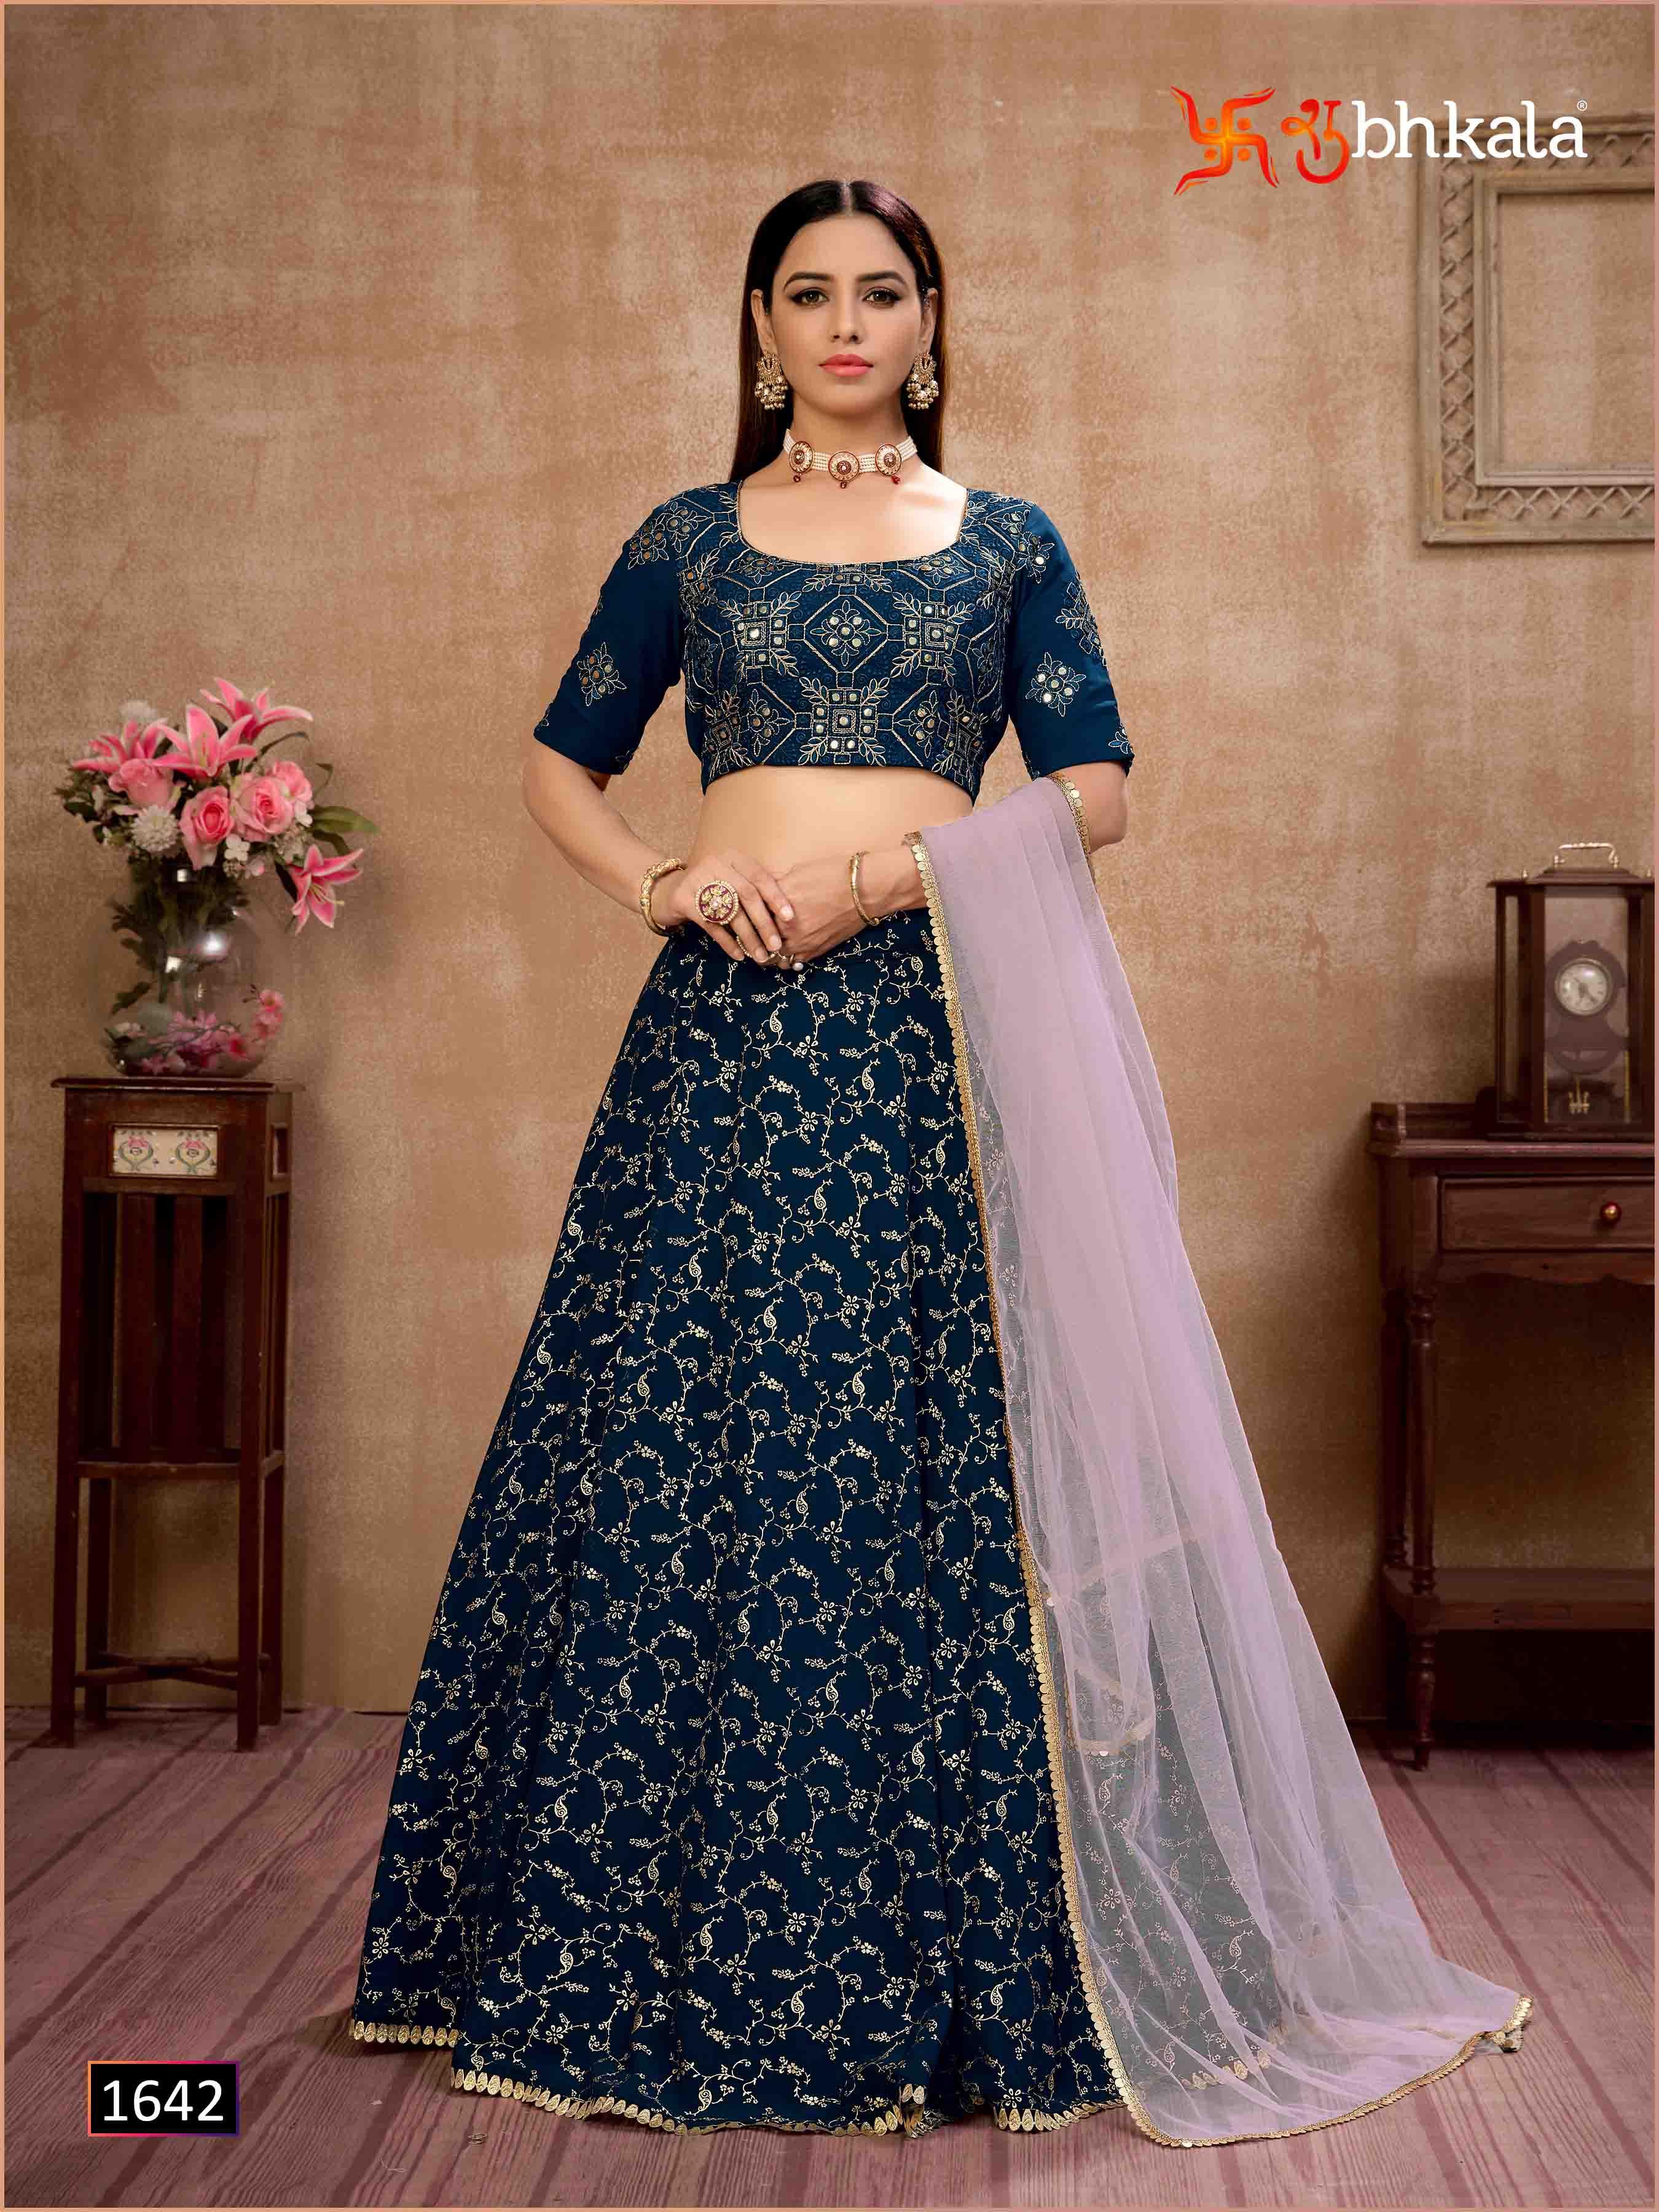 Kf Girly 1642 Latest Indian Designer Bridal Lehenga